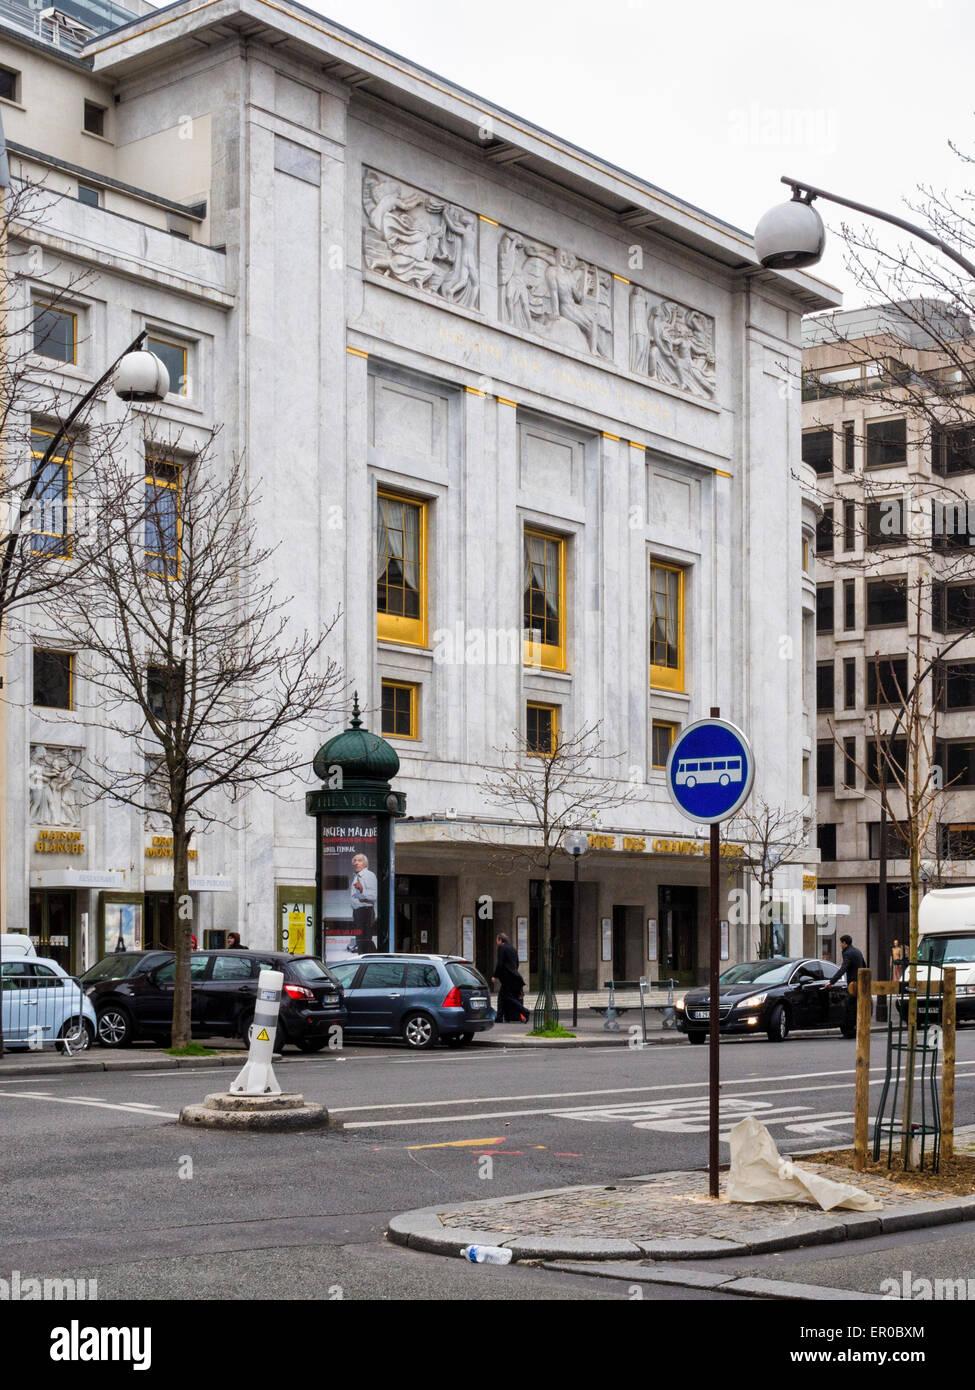 Theatre des Champs-Elysees exterior and entrance, Avenue Montaigne, Paris - Stock Image